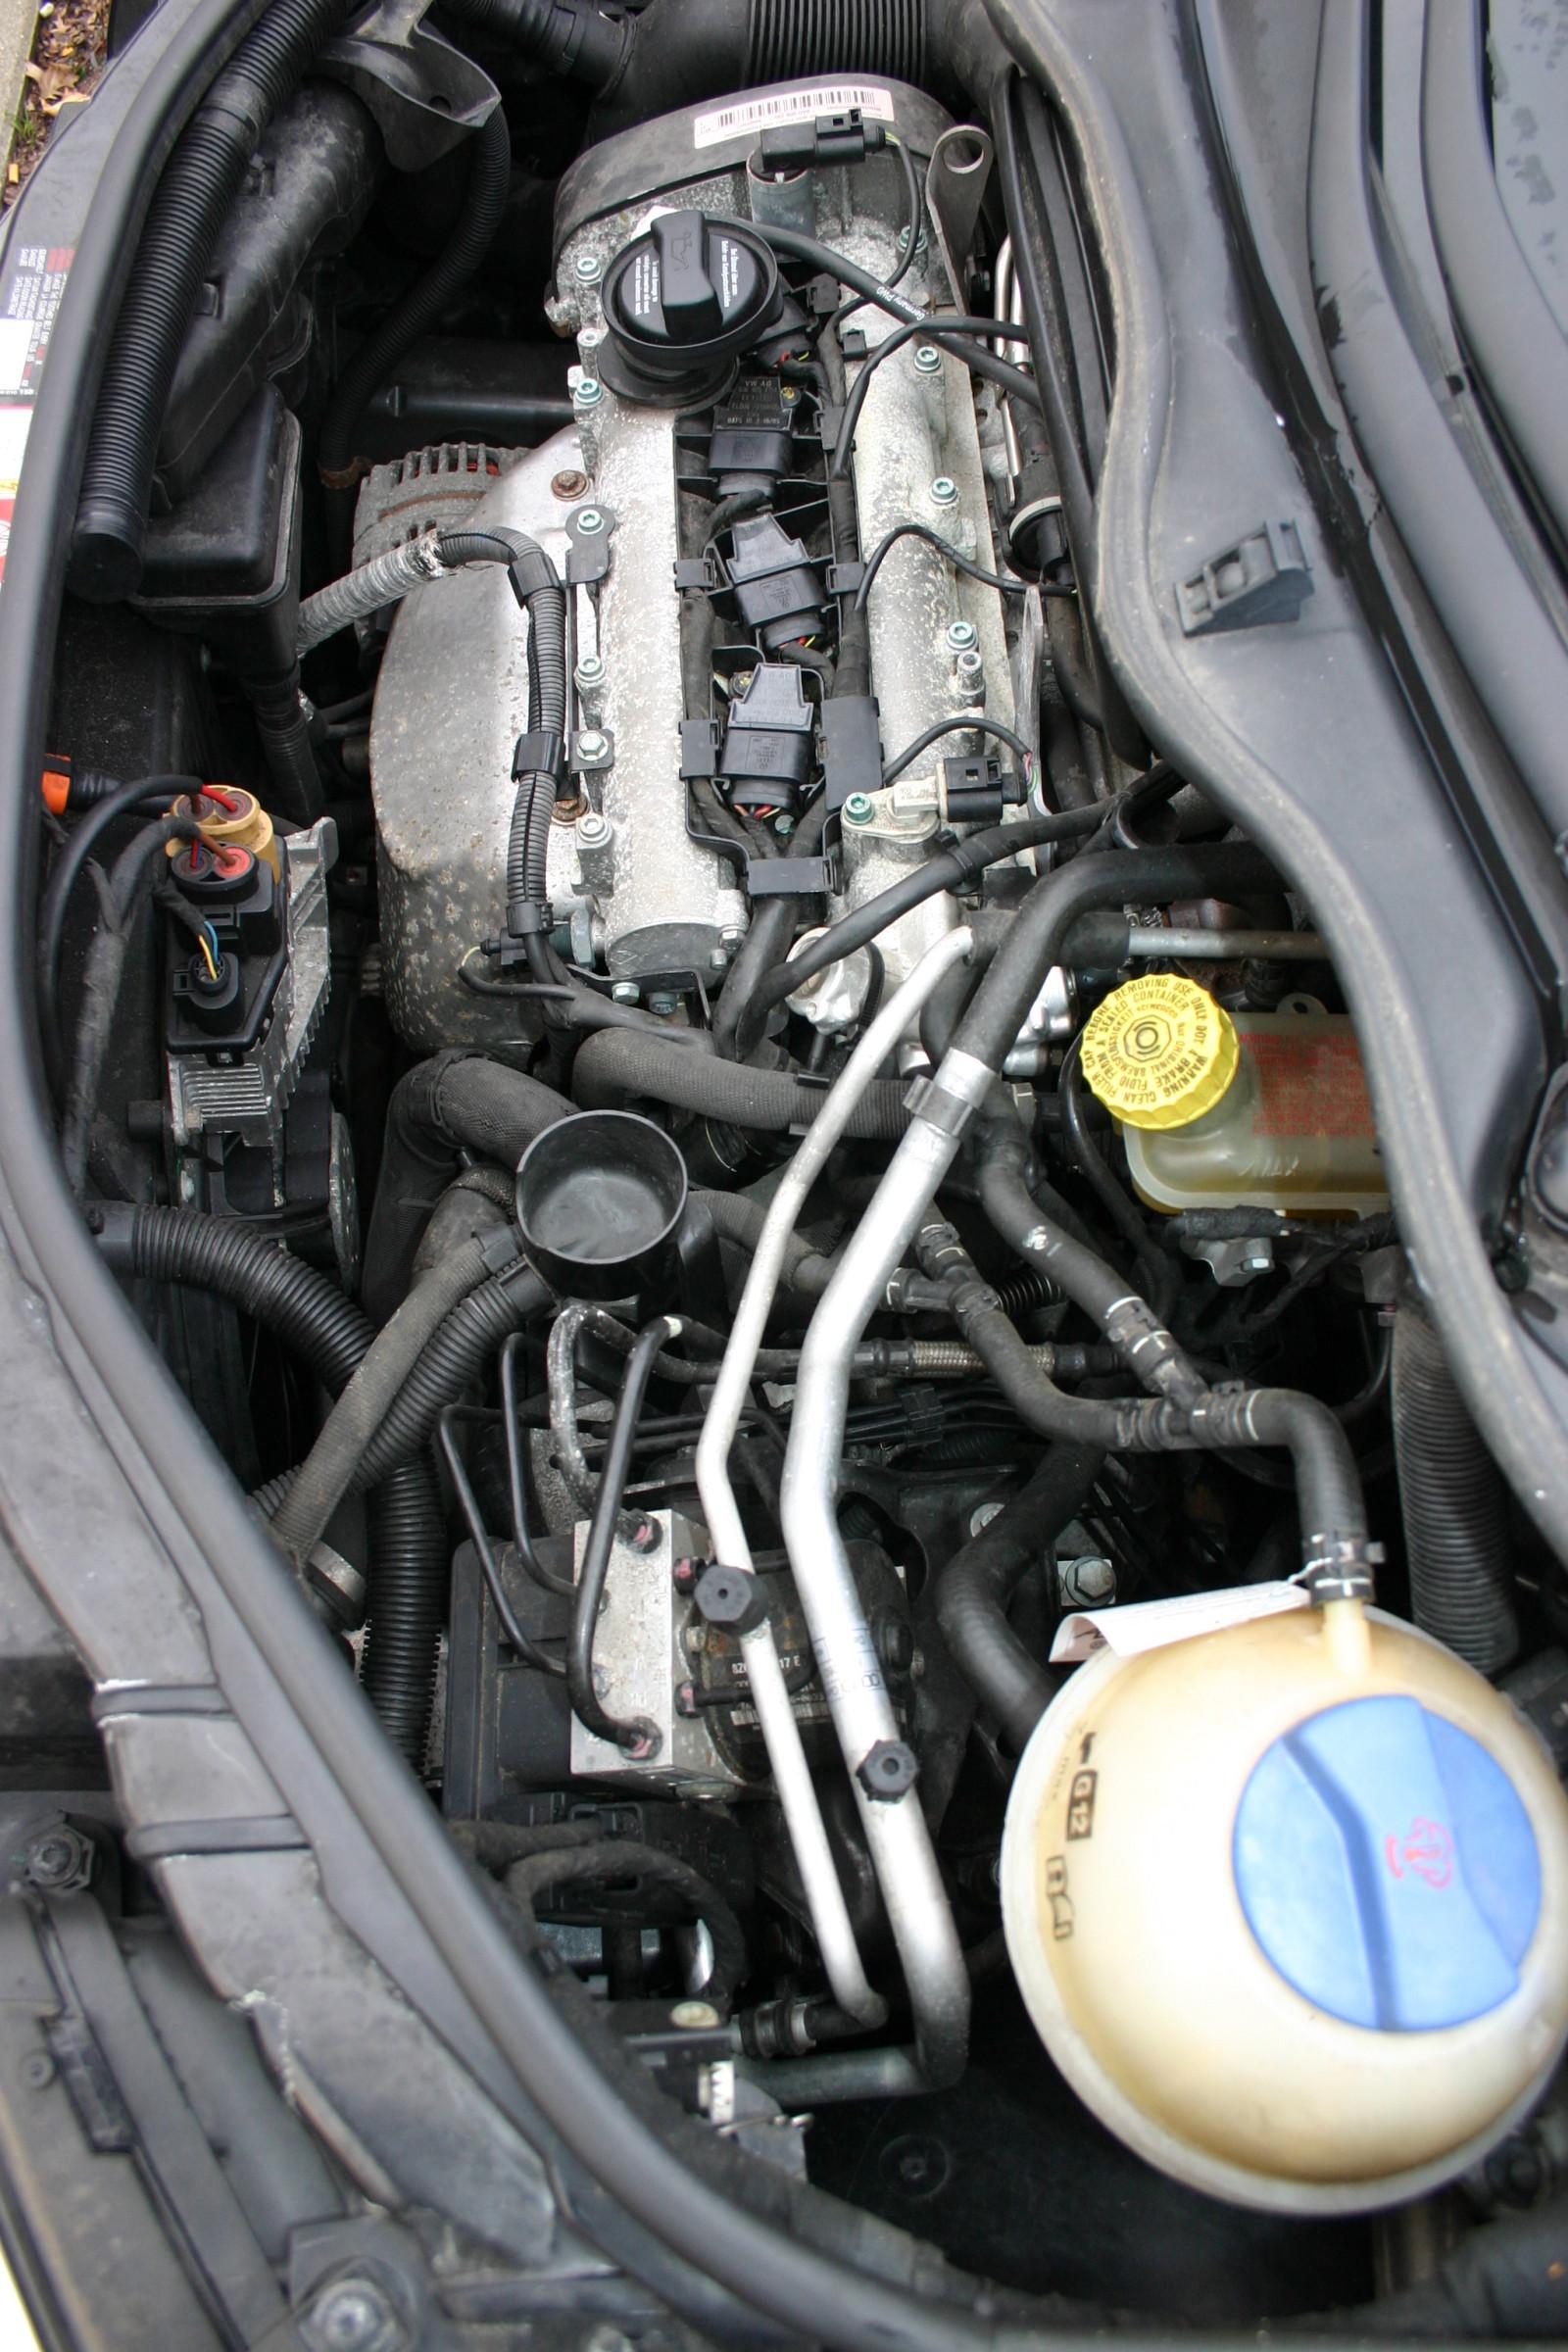 motor.jpg.d528a3a0d57986c59139ce566151cf01.jpg